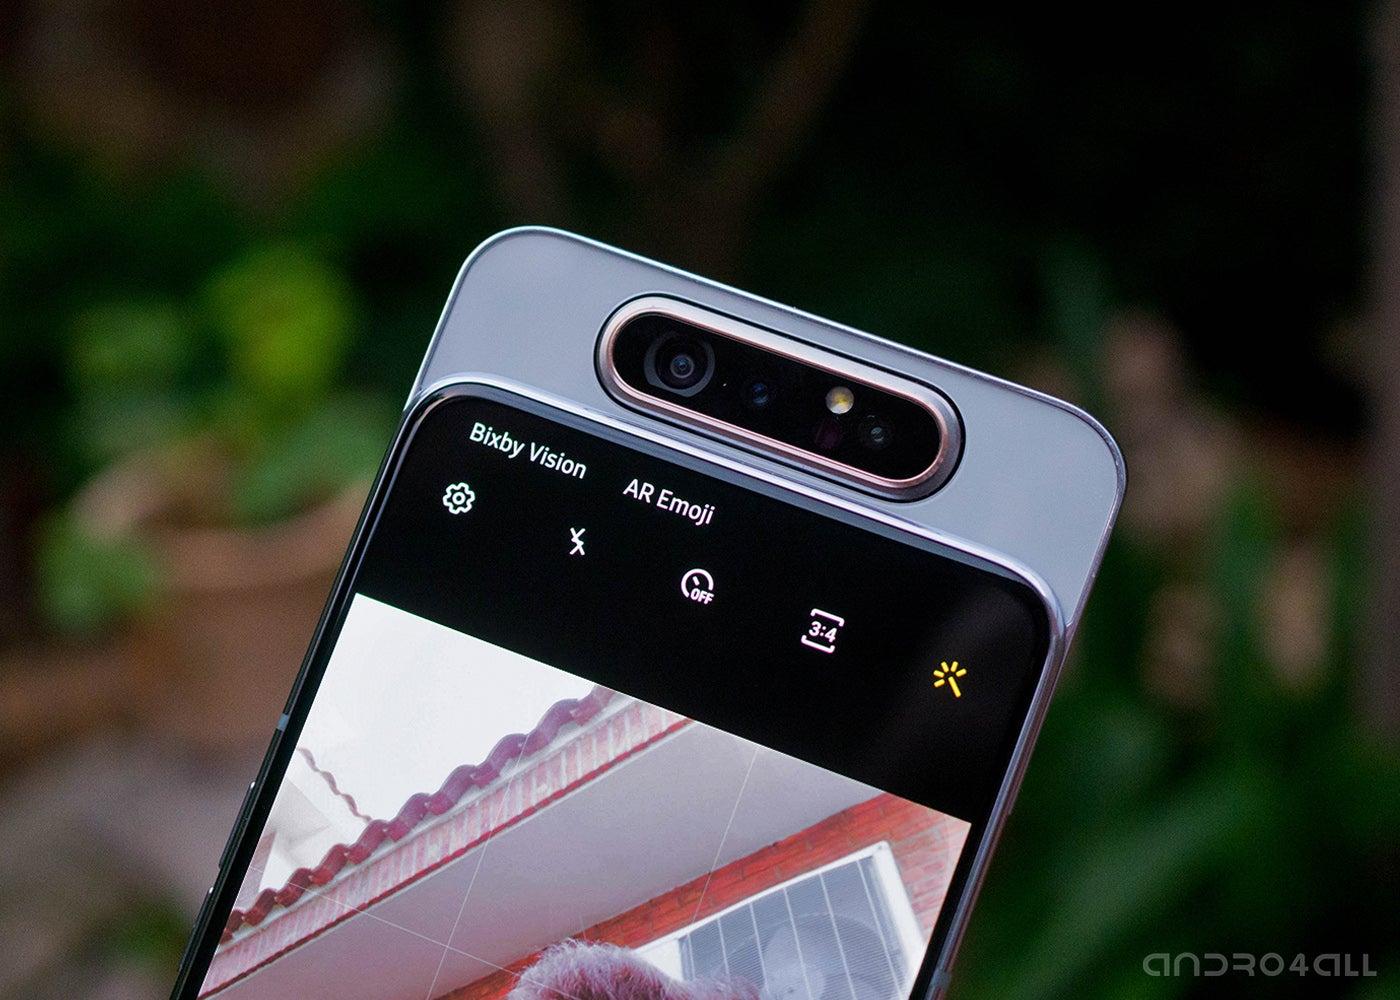 Samsung Galaxy A80 cameras